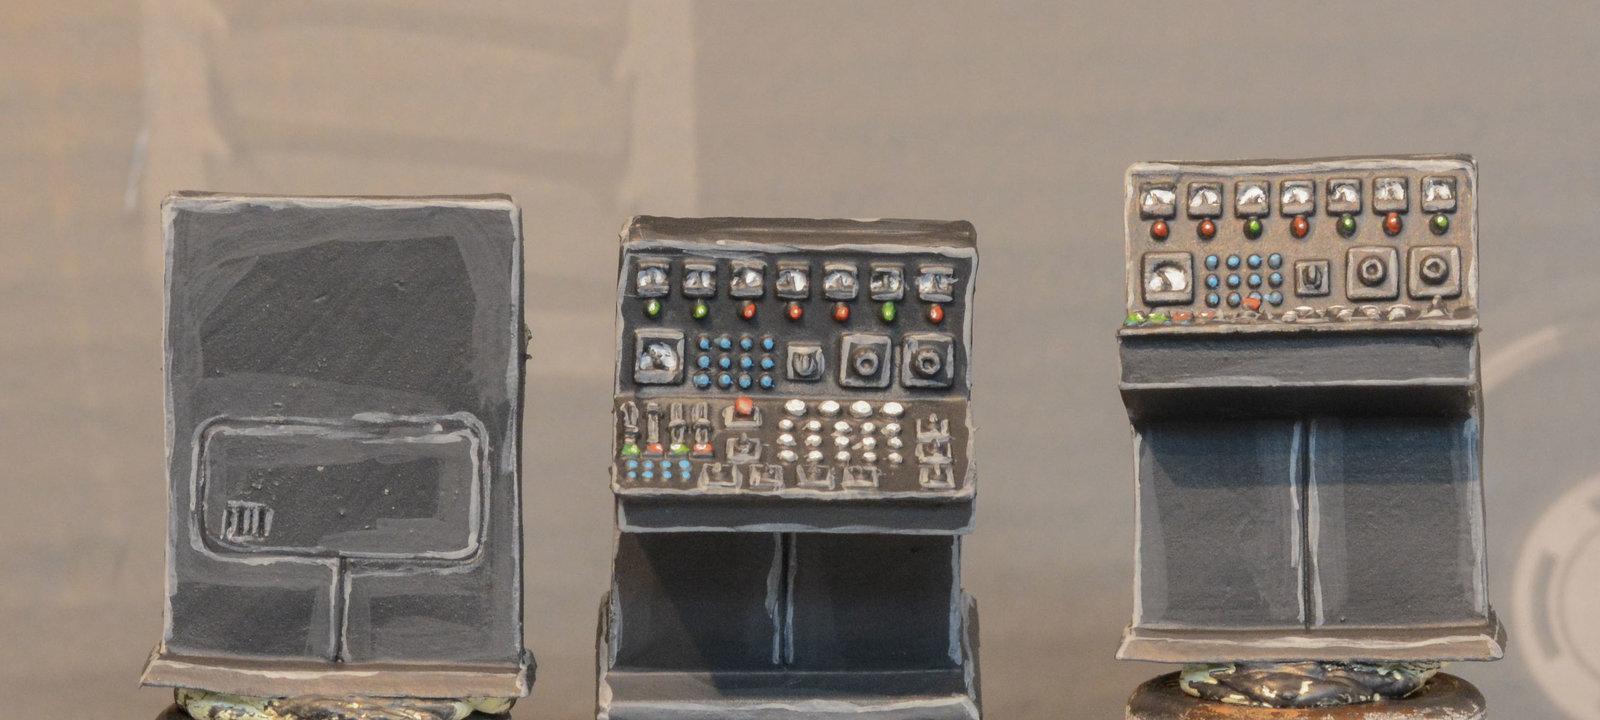 large.console-1.JPG.690327ca7339d6a060f5ca49f66f0f0e.JPG